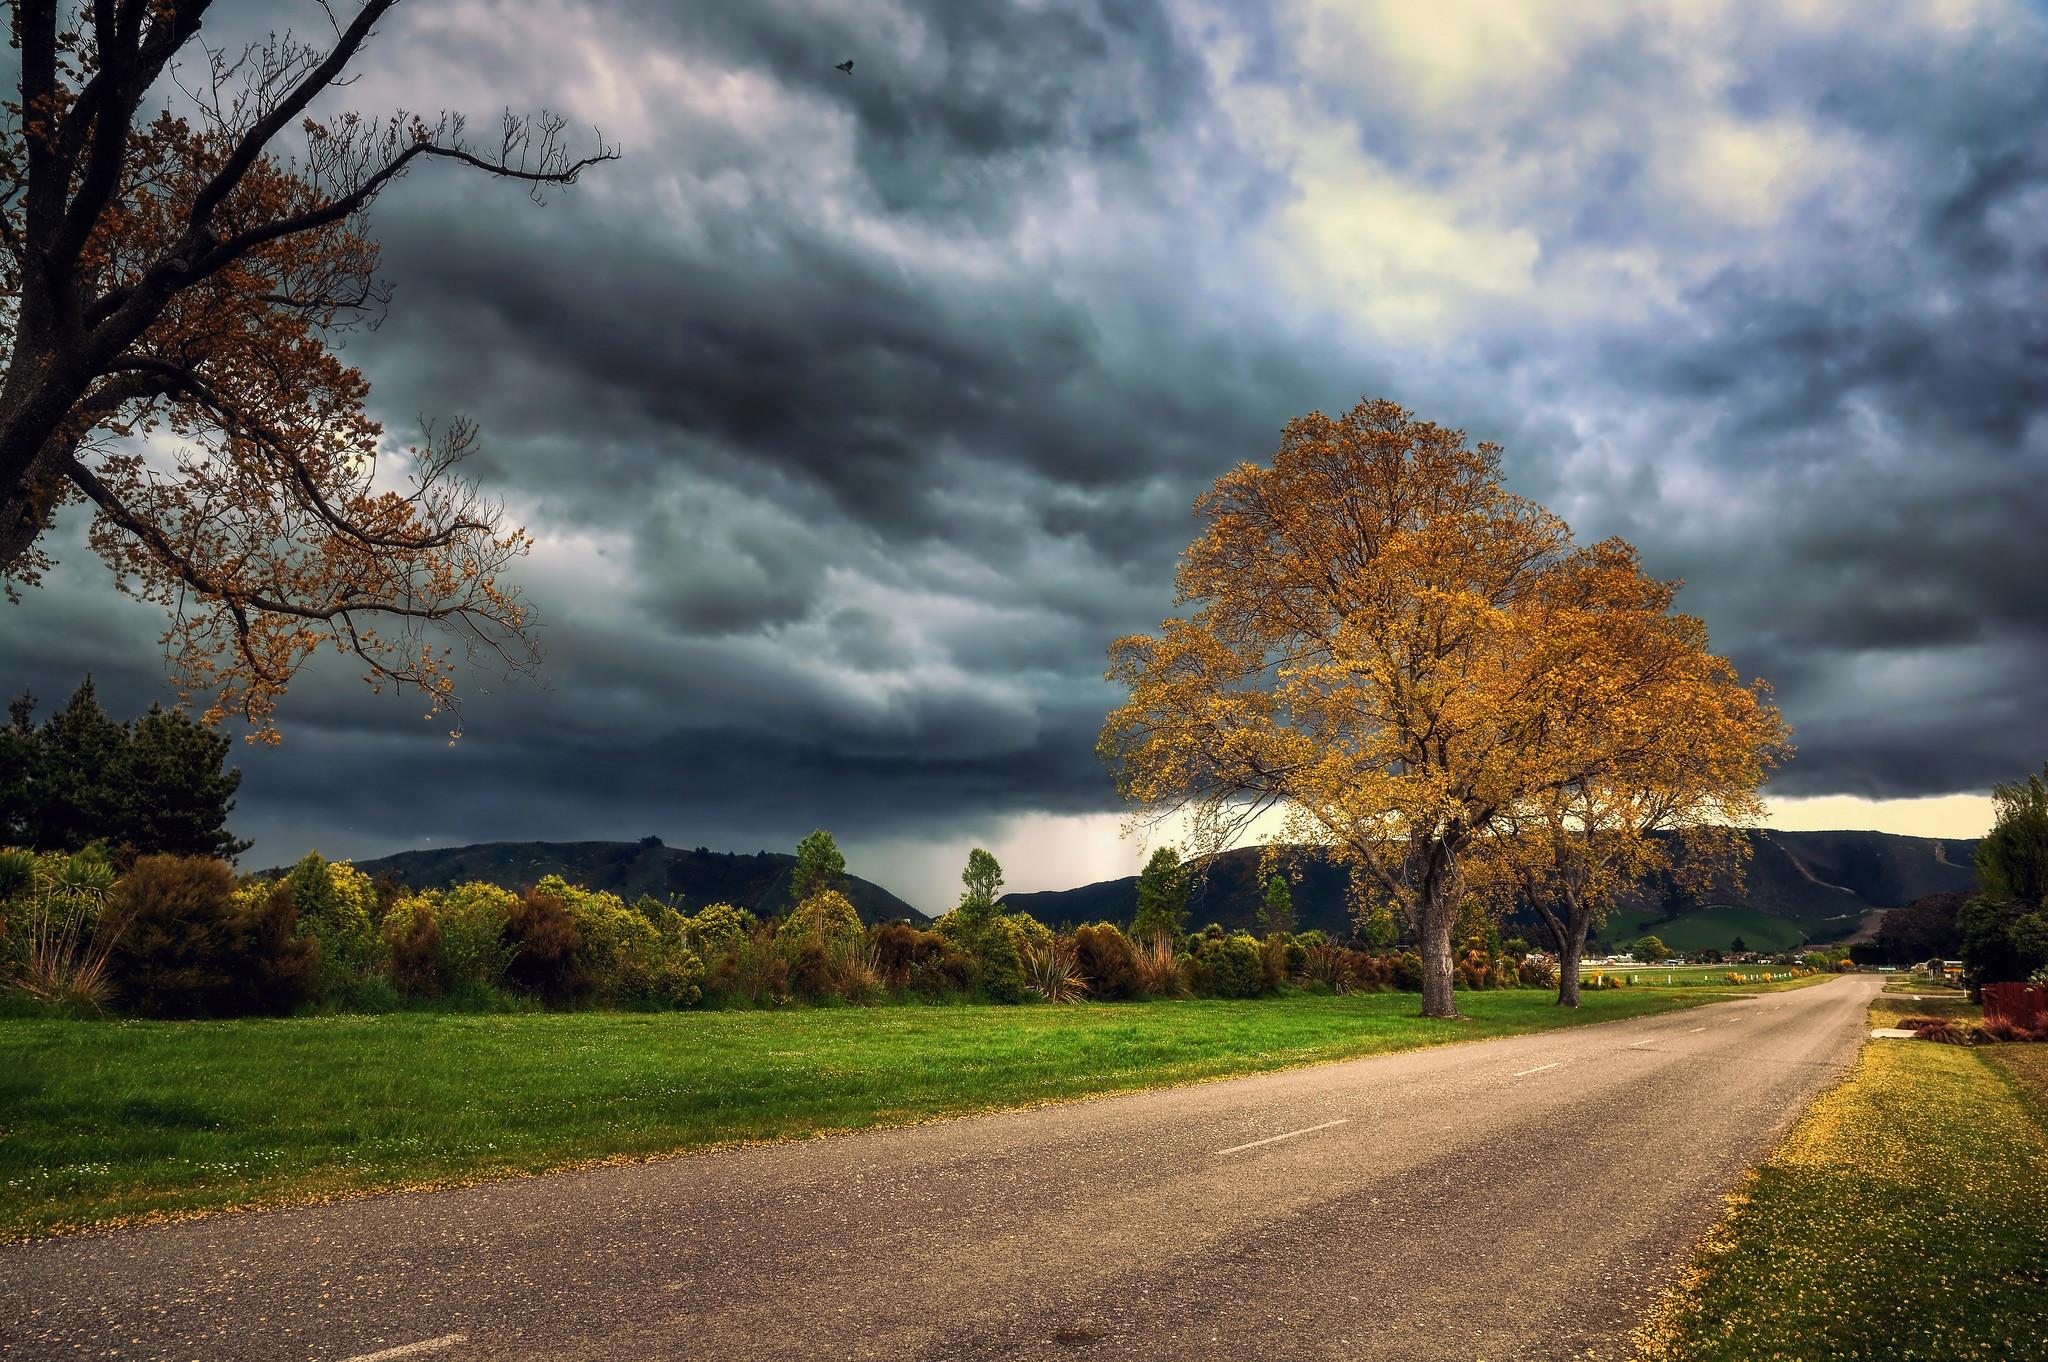 обои осень, тучи, дорога, дерево картинки фото